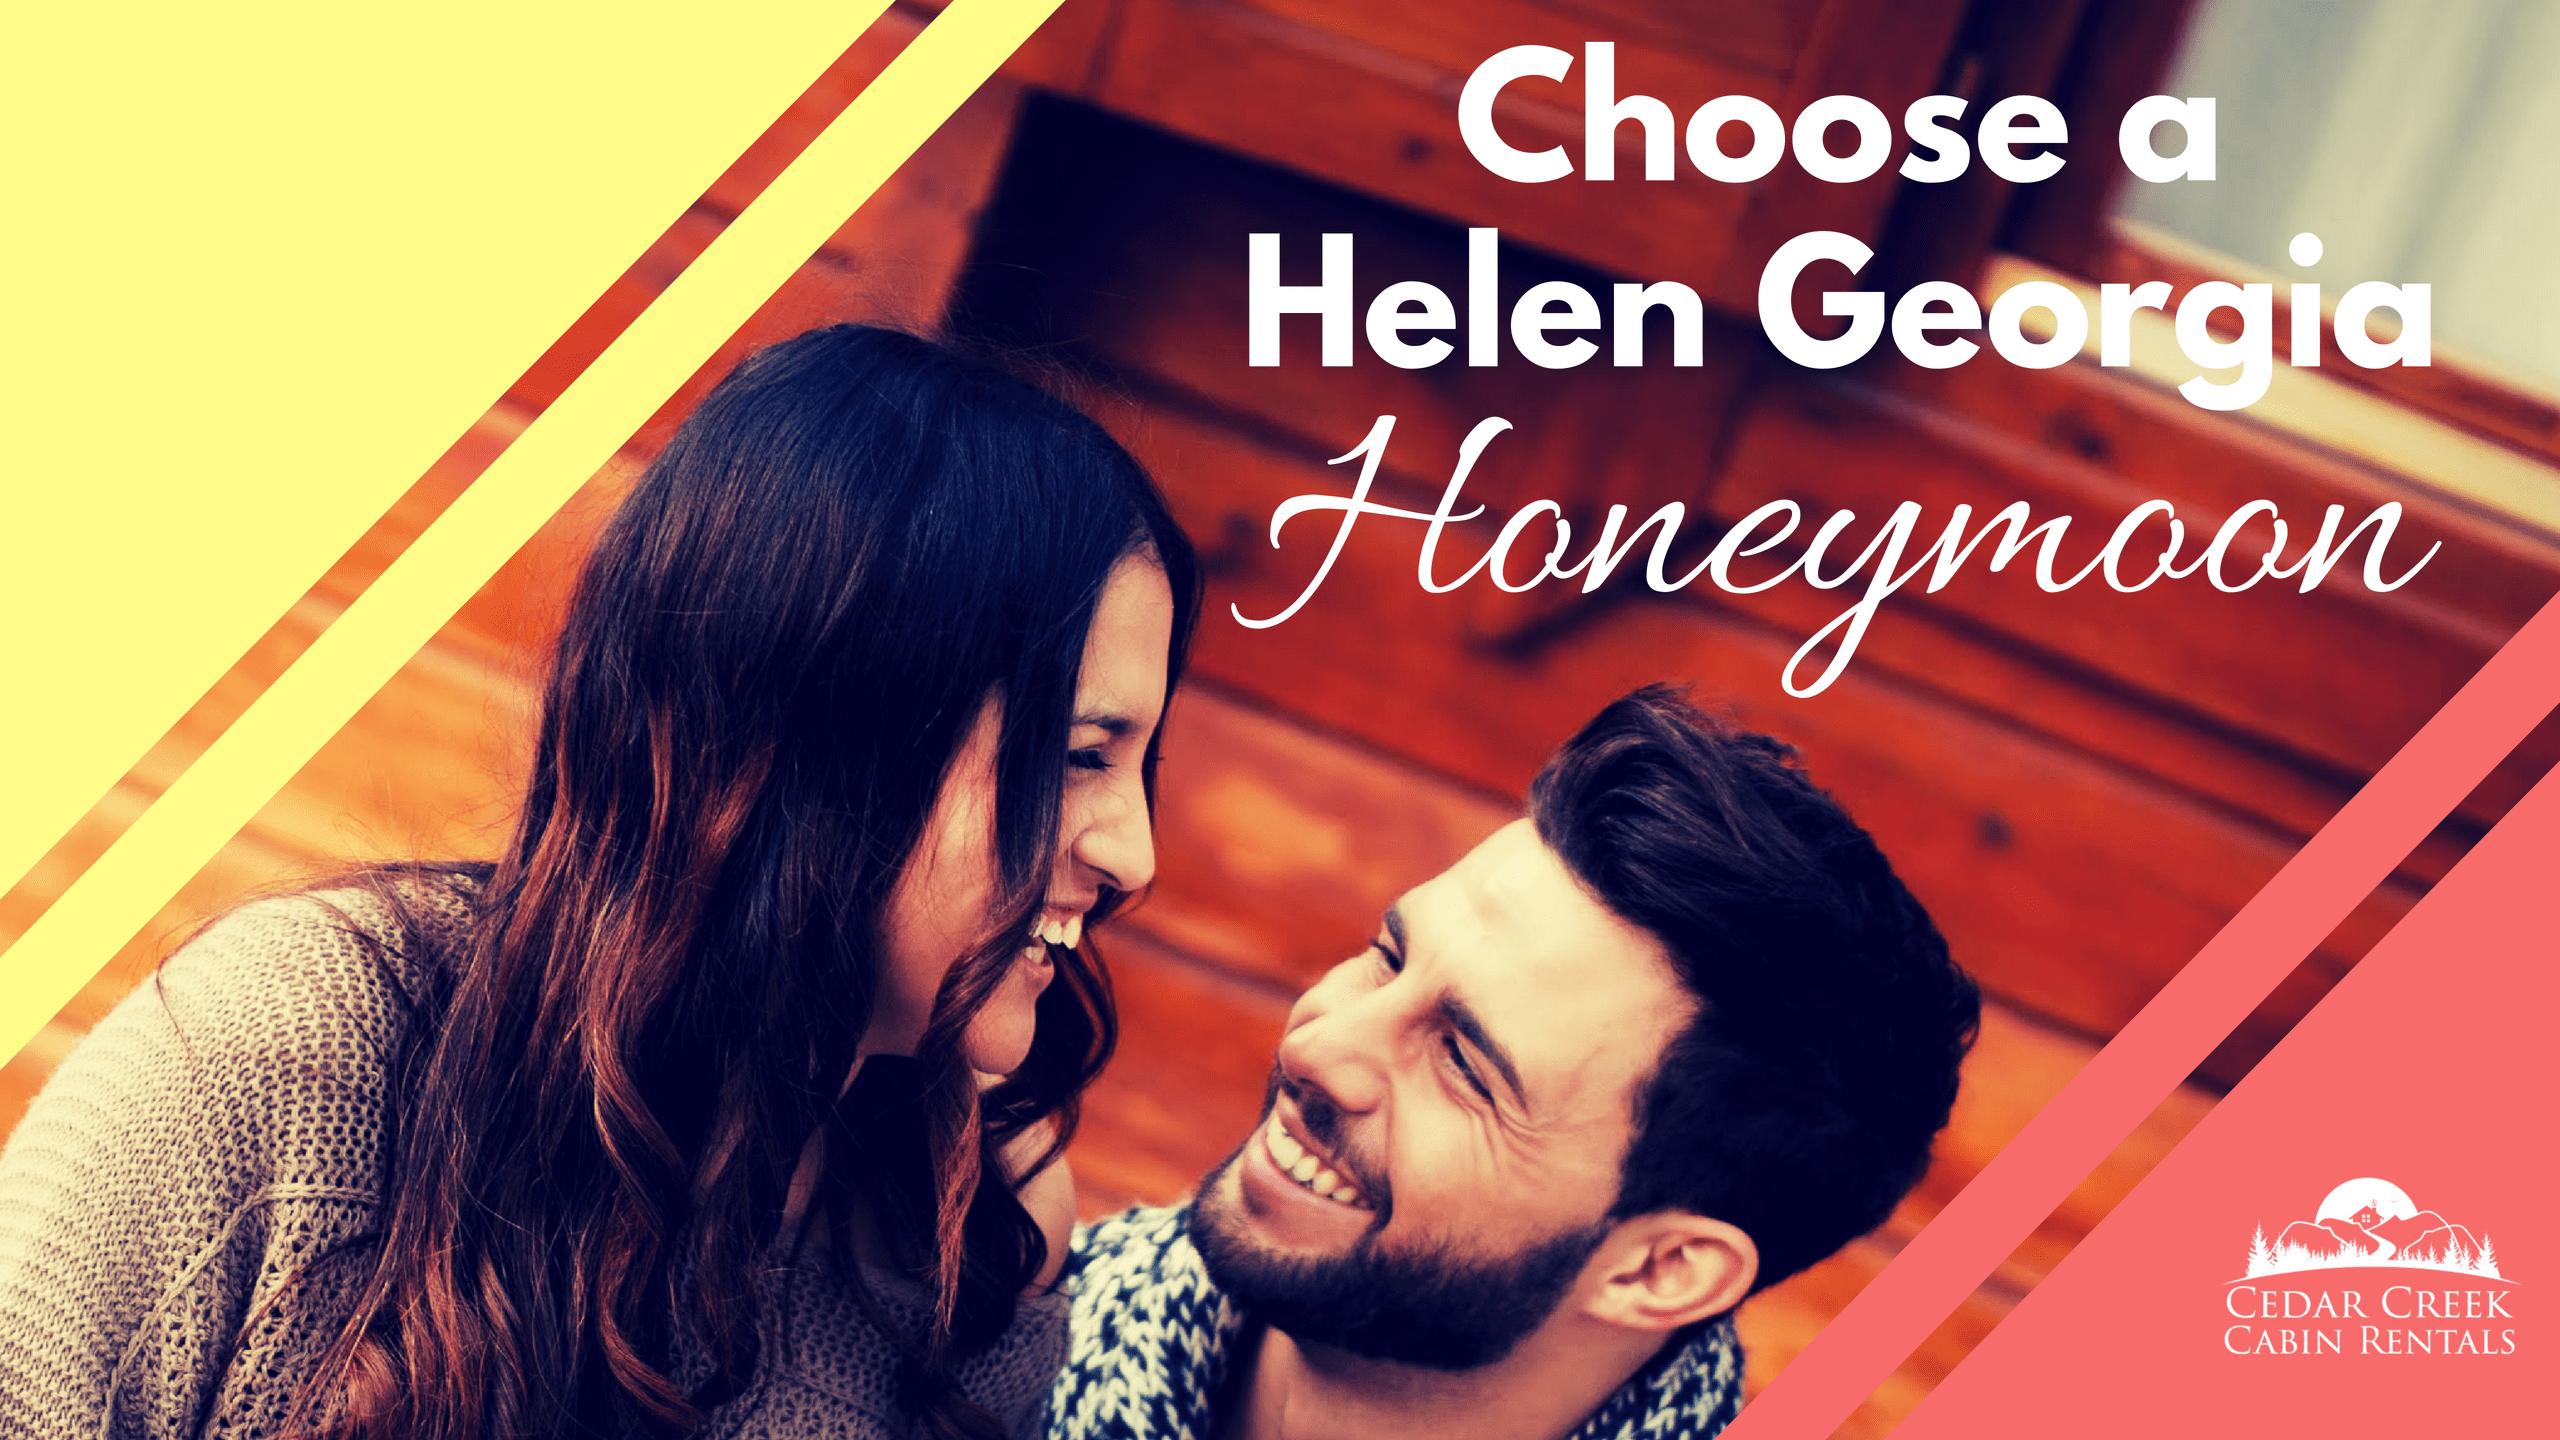 Choose-a-Helen-Georgia-Honeymoon-Blog-Banner